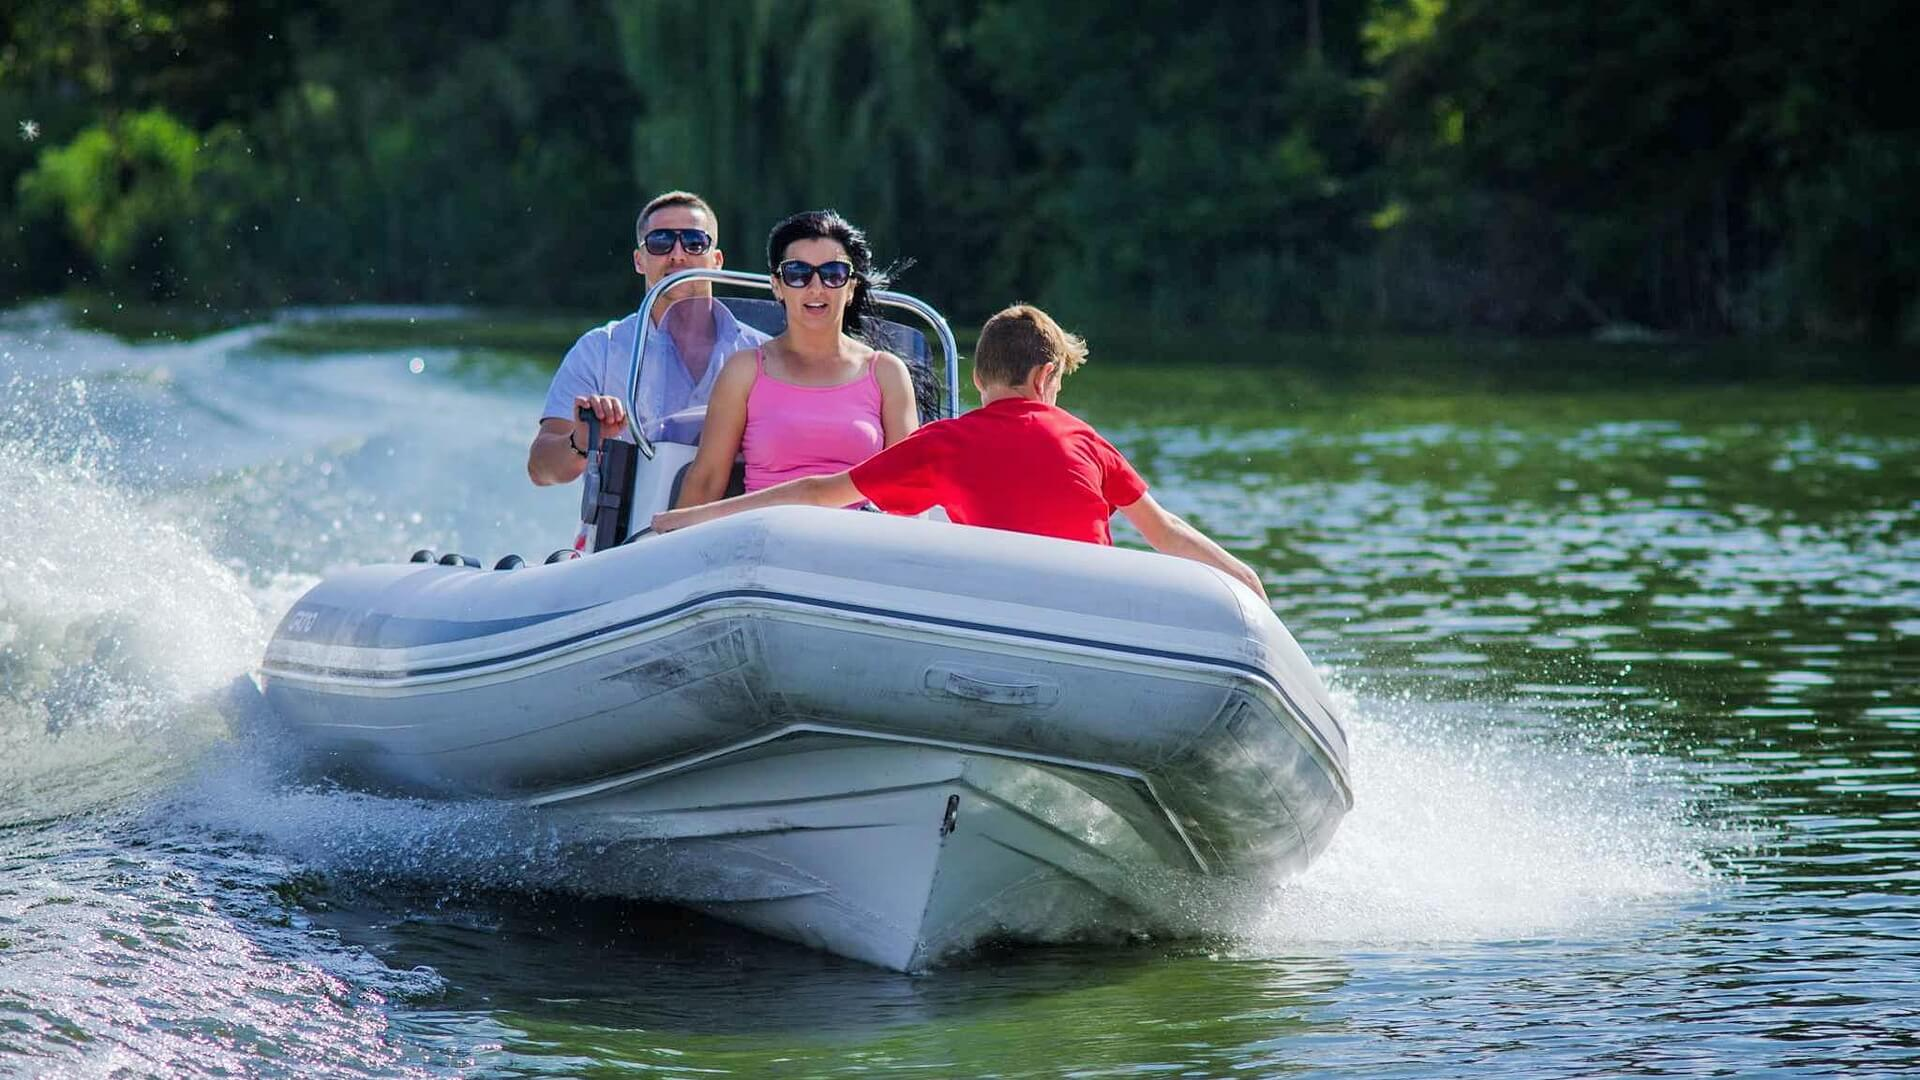 Надувная лодка с жестким дном GRAND Silver Line S470NL, Надувная лодка GRAND Silver Line S470NLF, GRAND Silver Line S470NL, GRAND Silver Line S470NLF, GRAND S470NL, GRAND S470NLF, GRAND S470, Надувная лодка GRAND, Надувная лодка ГРАНД, Надувная лодка с жестким дном, RIB, Rigid Inflatable Boats